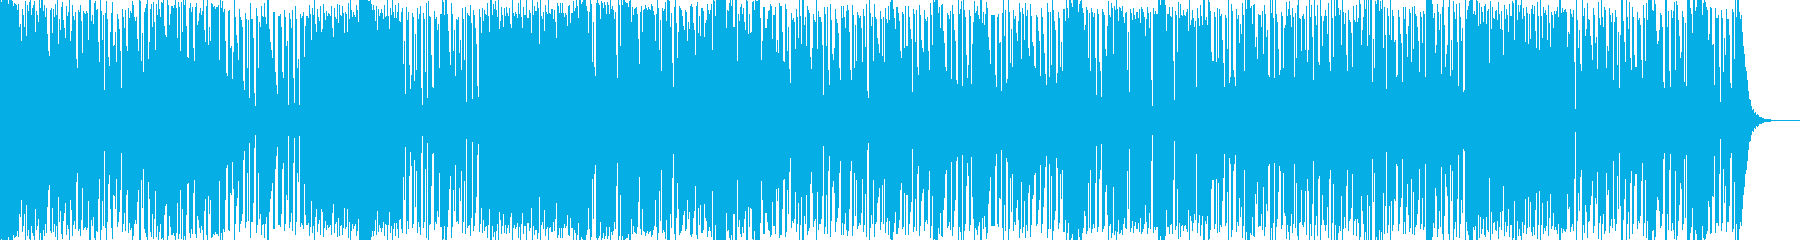 疾走感のある癒しアンビエント系テクノの再生済みの波形